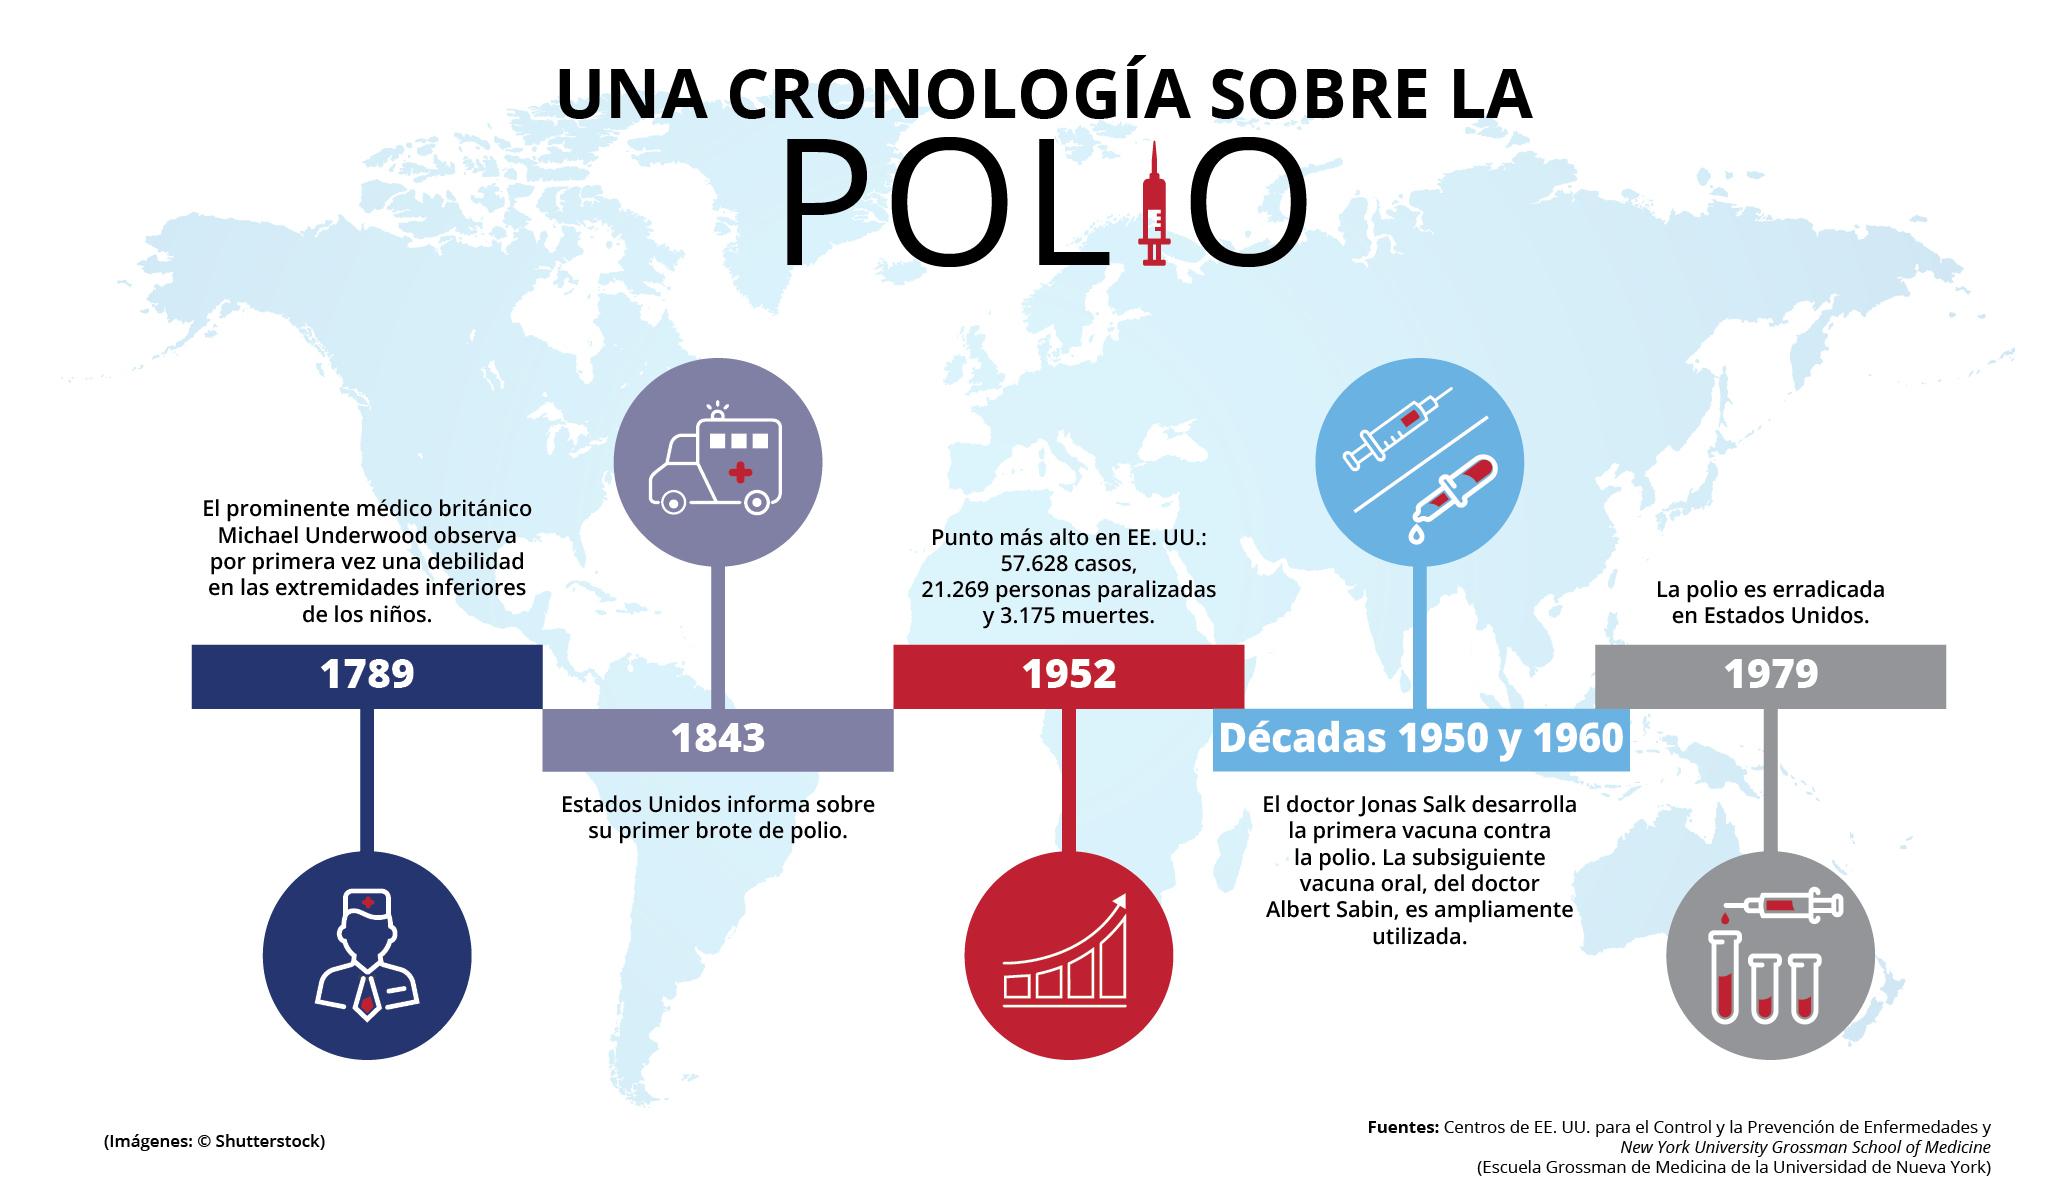 Gráfico con texto e imágenes que muestran fechas significativas sobre la polio en EE. UU. (Depto. de Estado/H. Efrem)